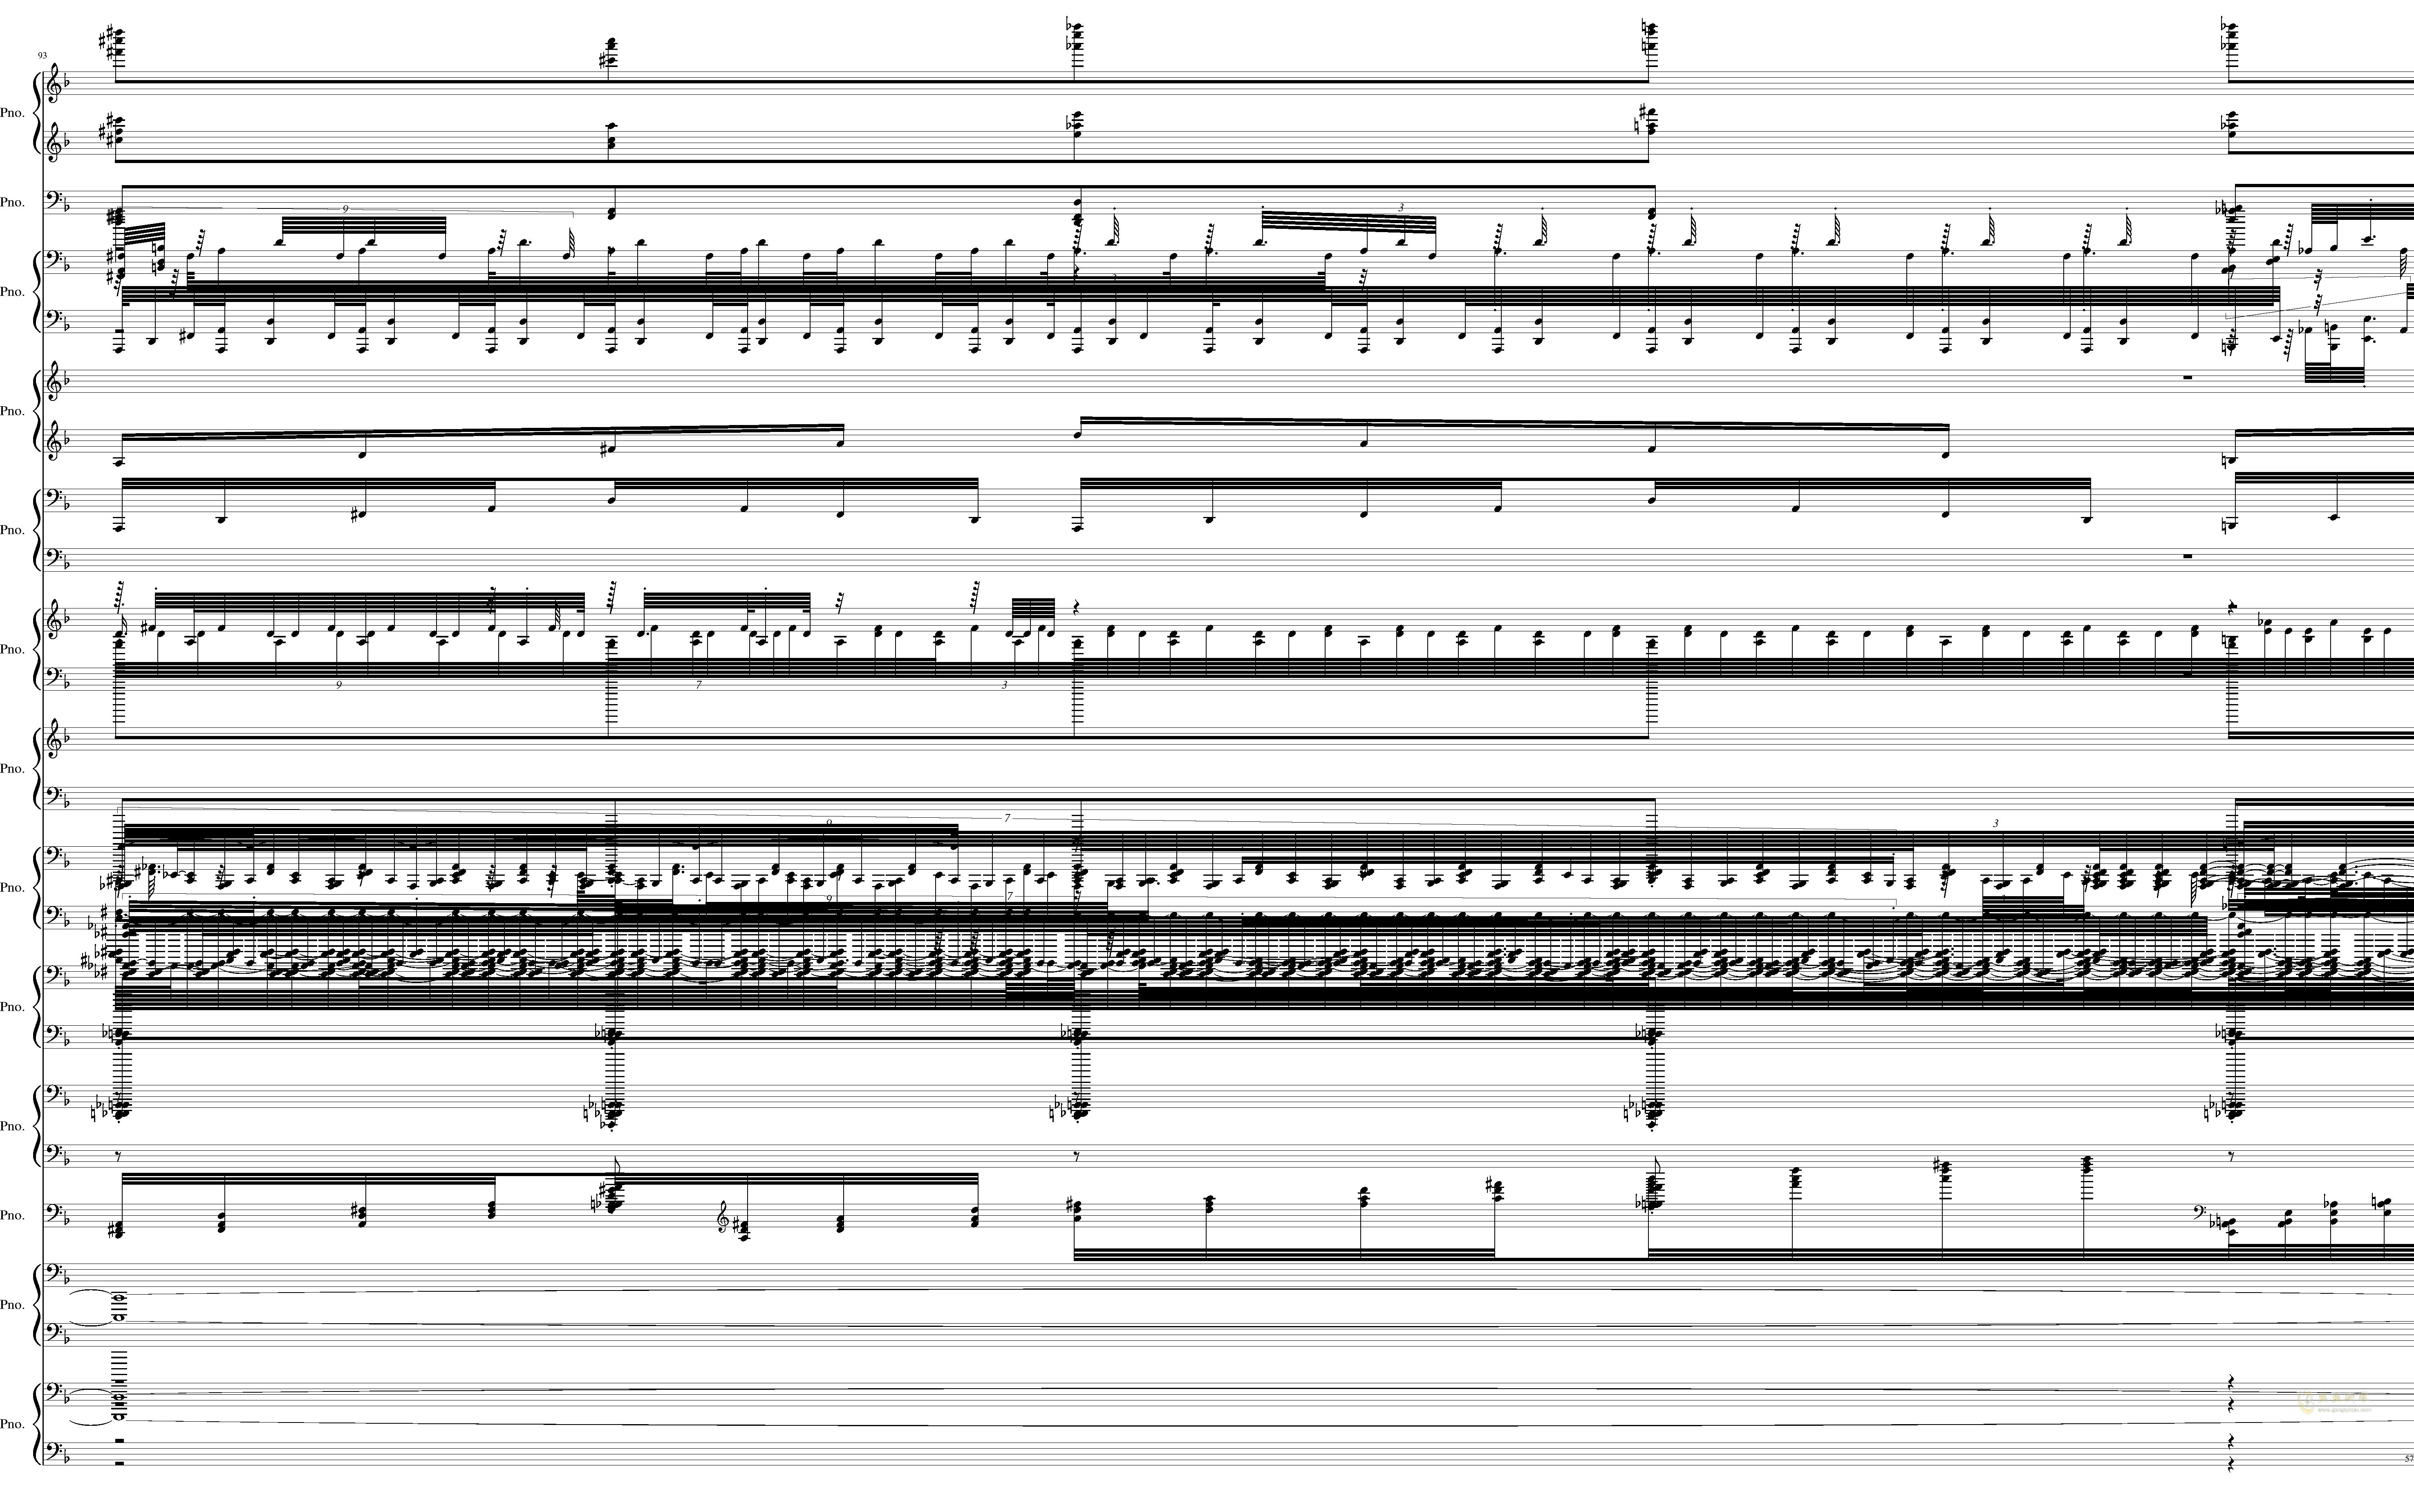 U.N. Owen was Her钢琴谱 第57页